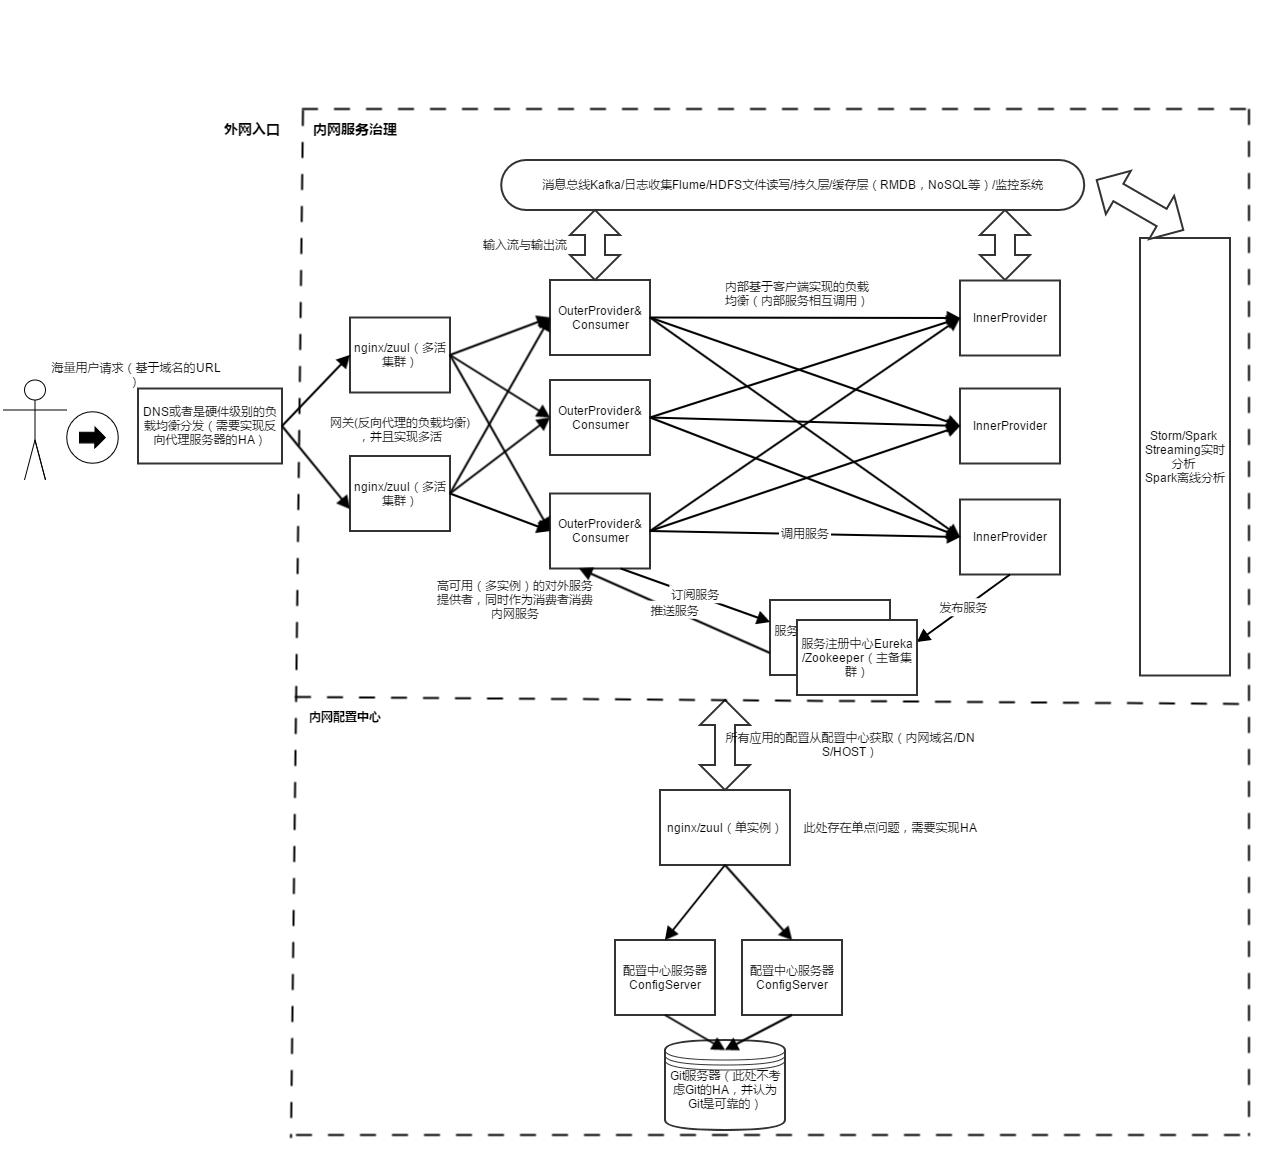 分布式服务架构图